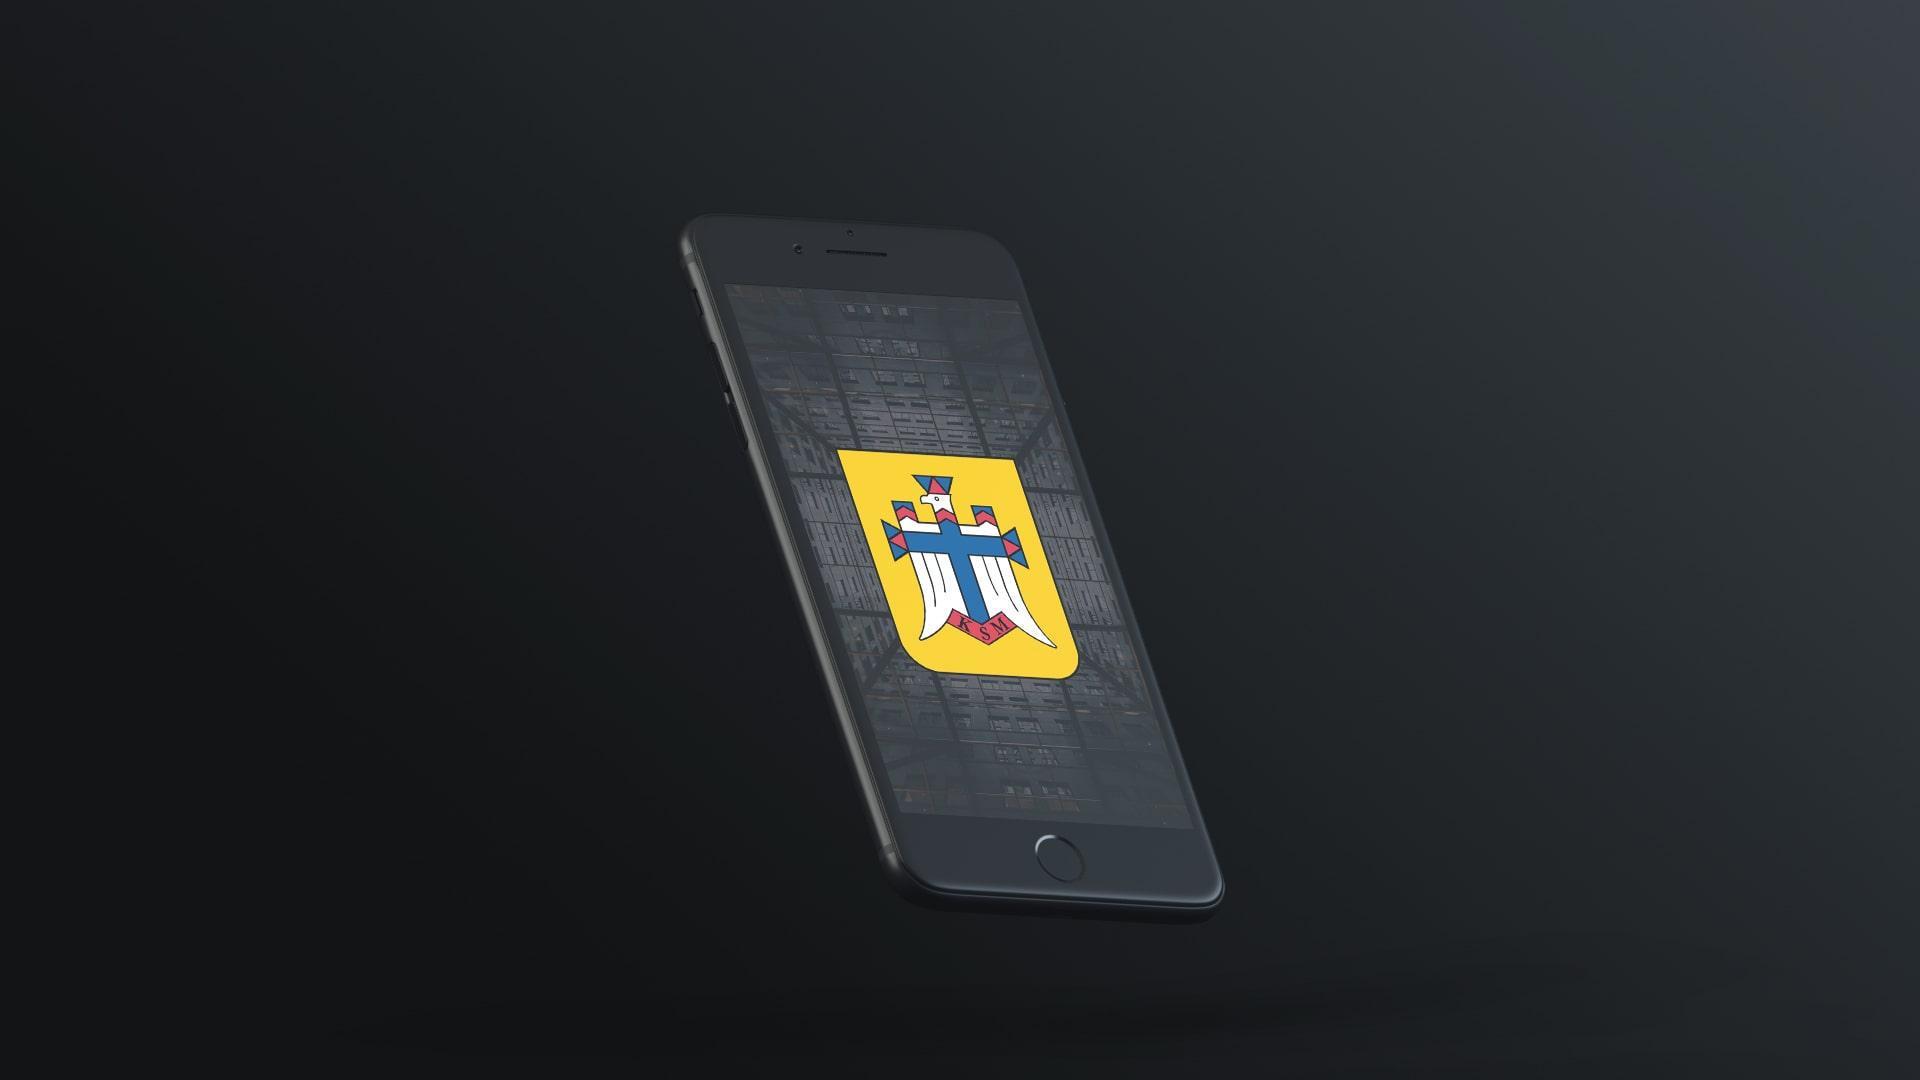 Telefon przedstawiający logo Katolickiego Stowarzyszenia Młodzieży Diecezji Gliwickiej